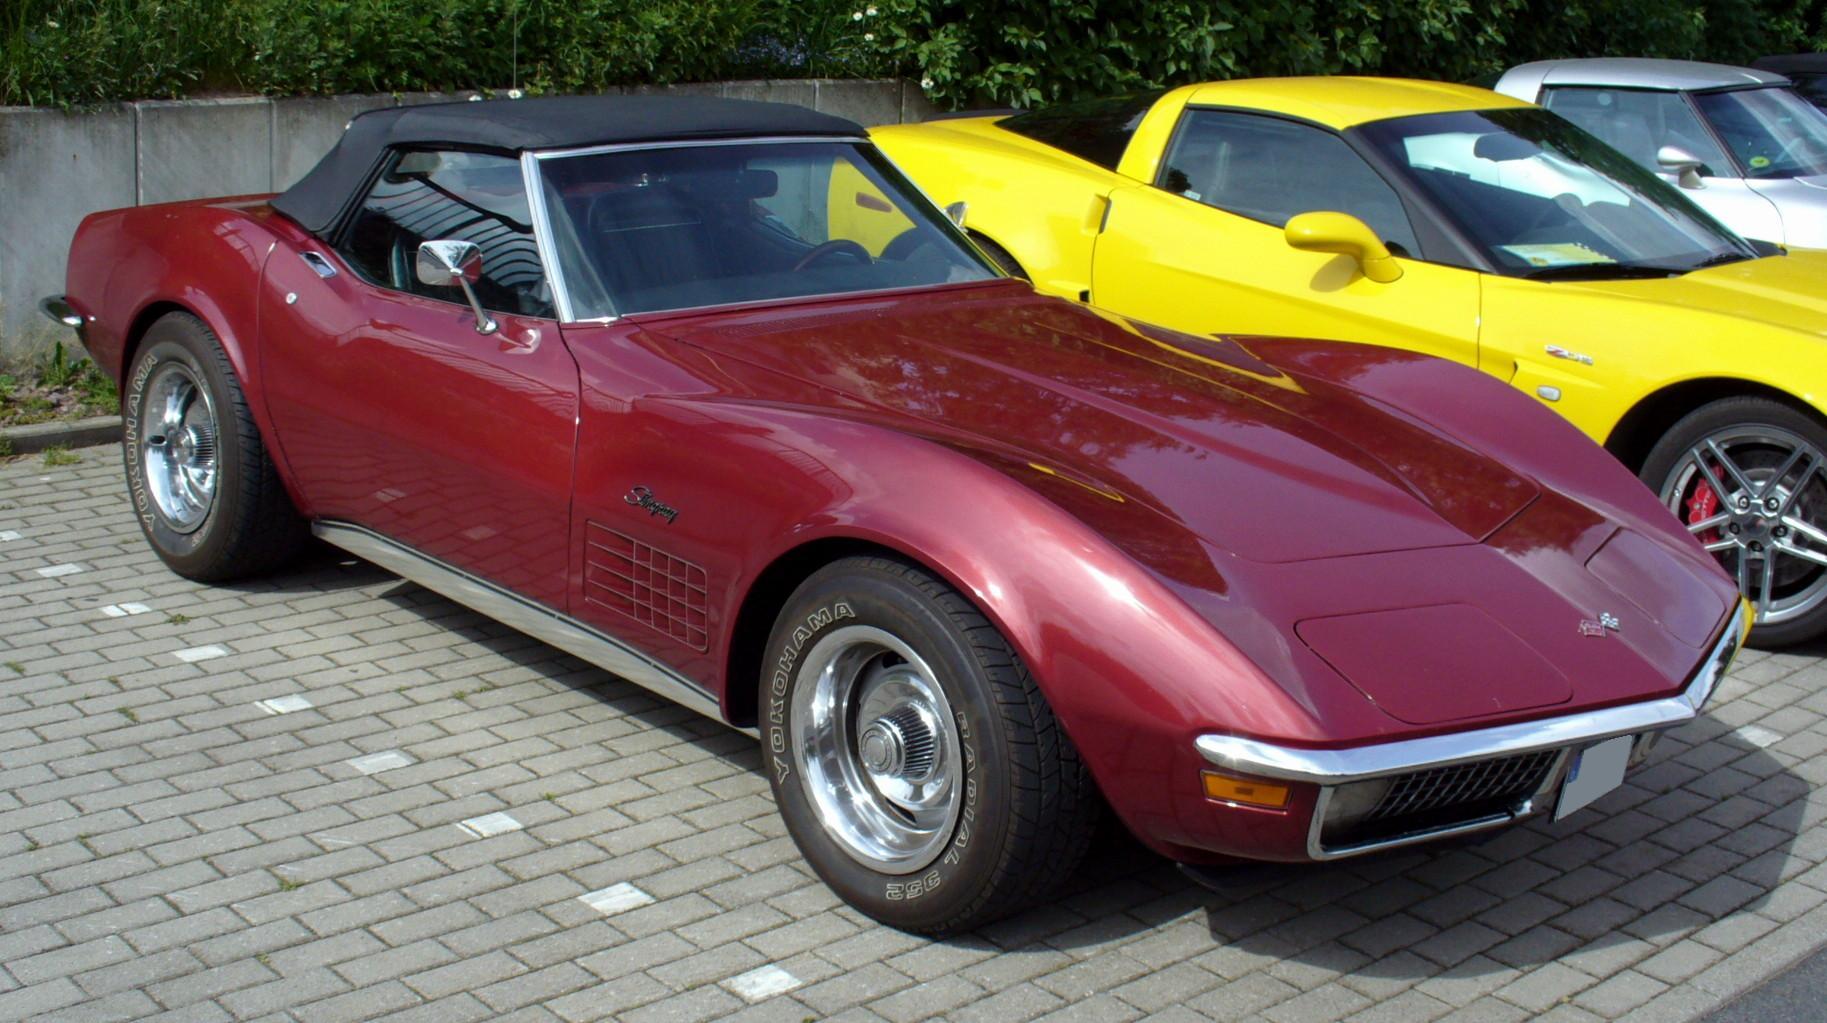 Chevrolet Corvette L Roadster Rm Sotheby S Virtual Car Show